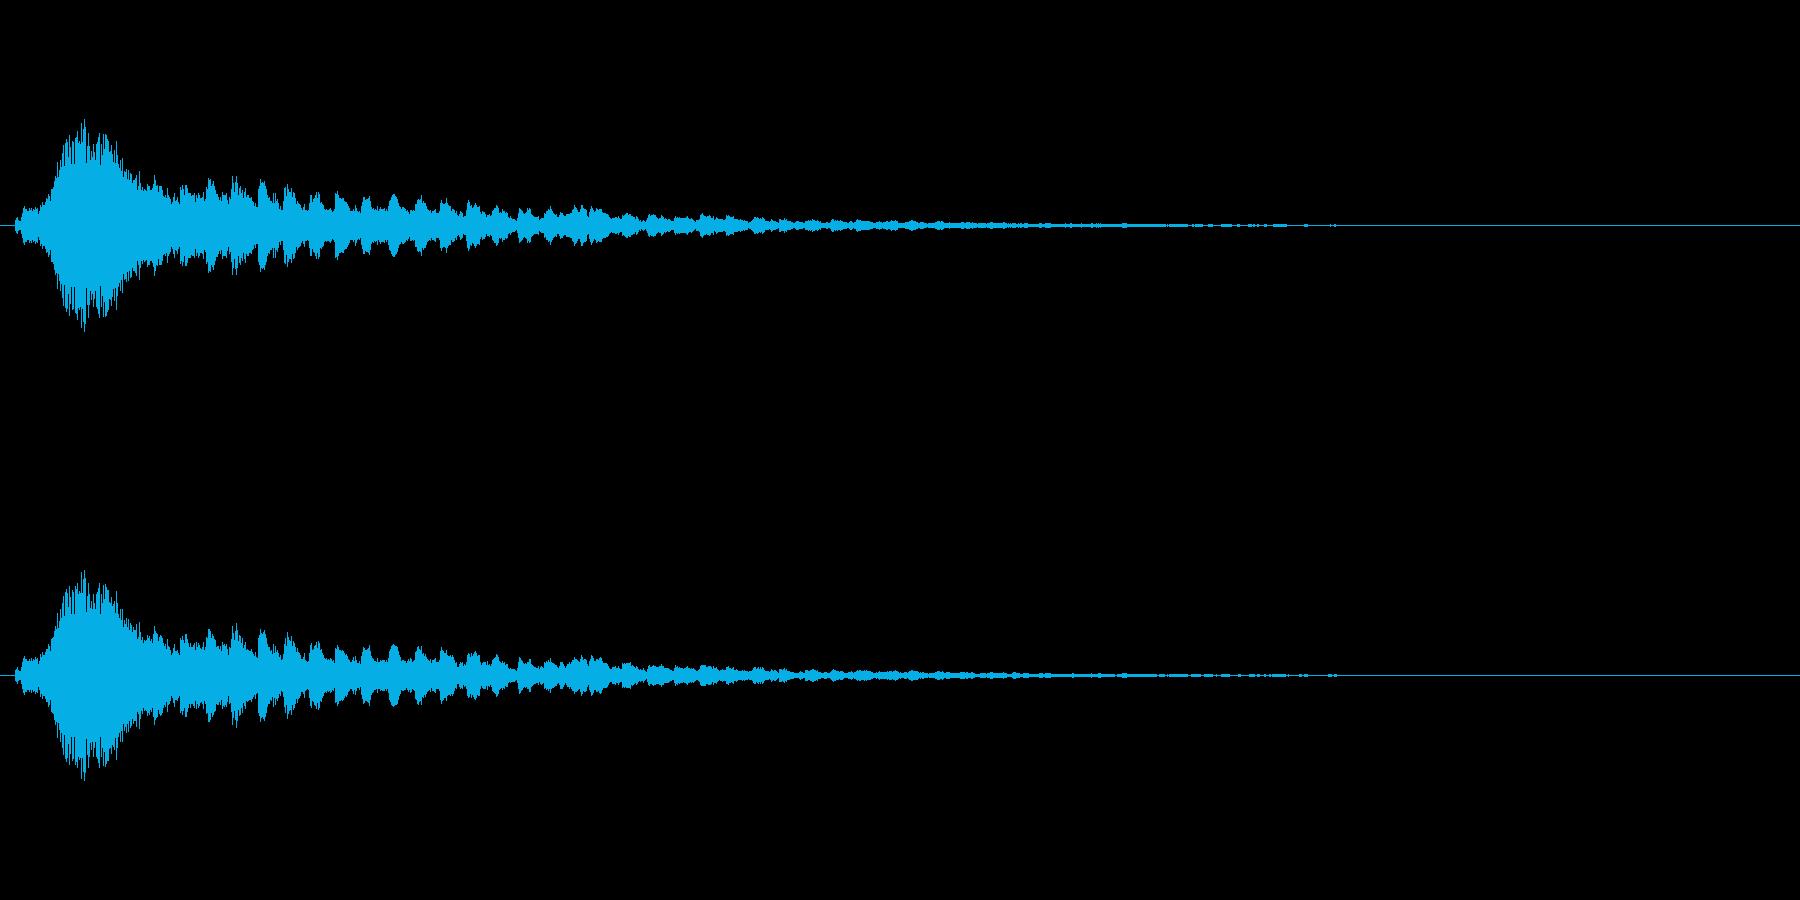 【ショートブリッジ11-1】の再生済みの波形